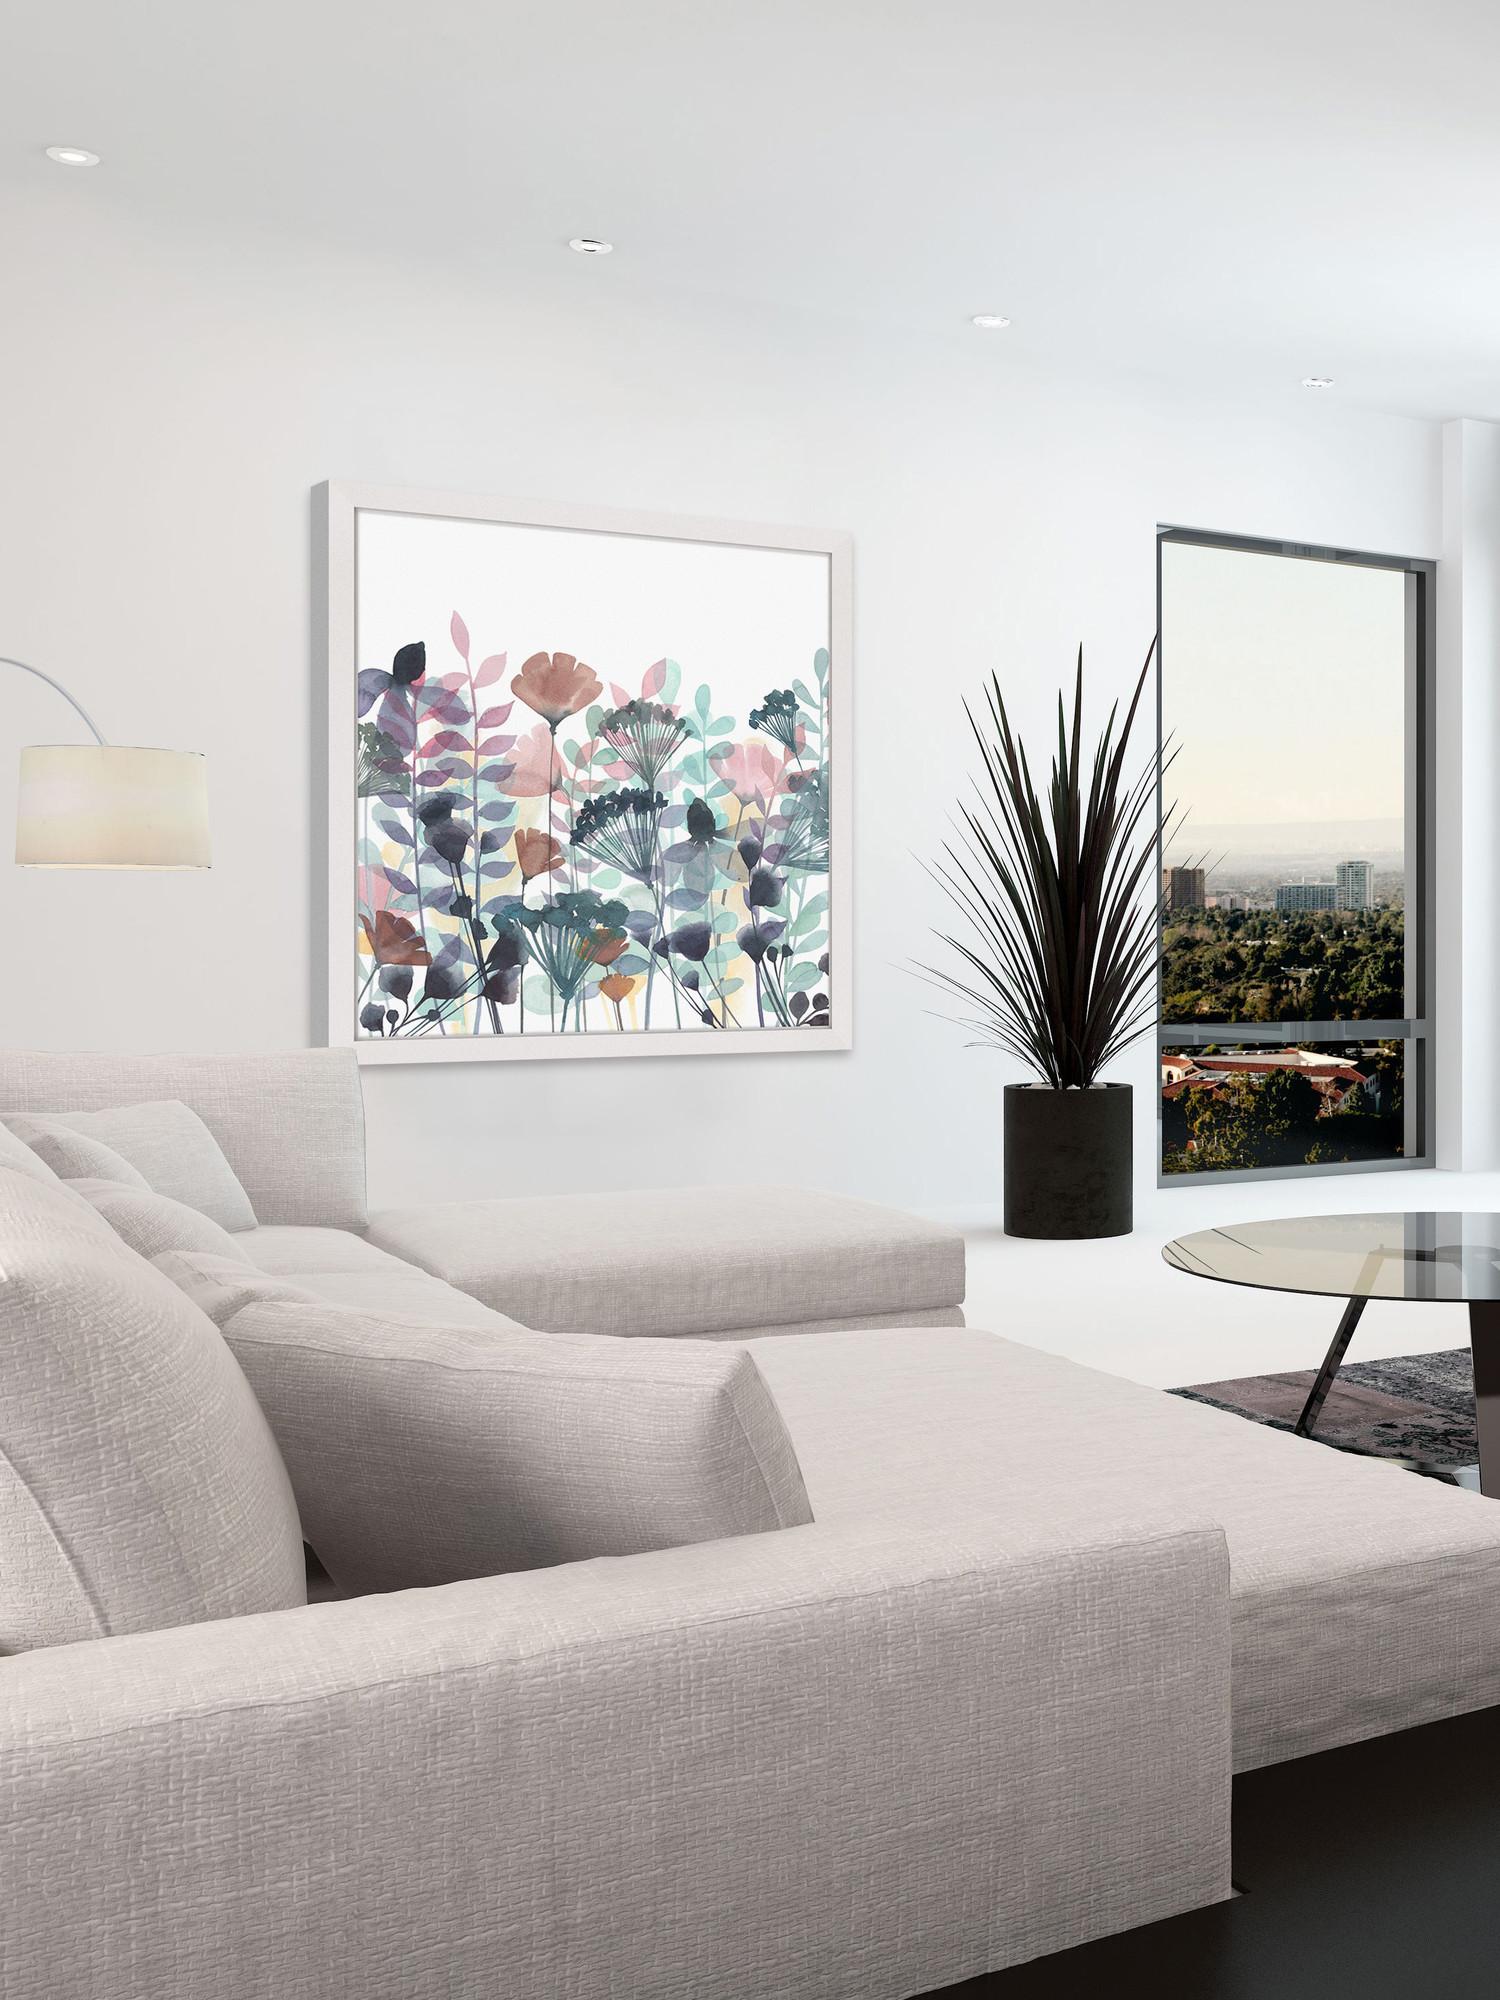 Với tông màu nhẹ nhàng tranh thích hợp kết hợp nội thất màu sáng